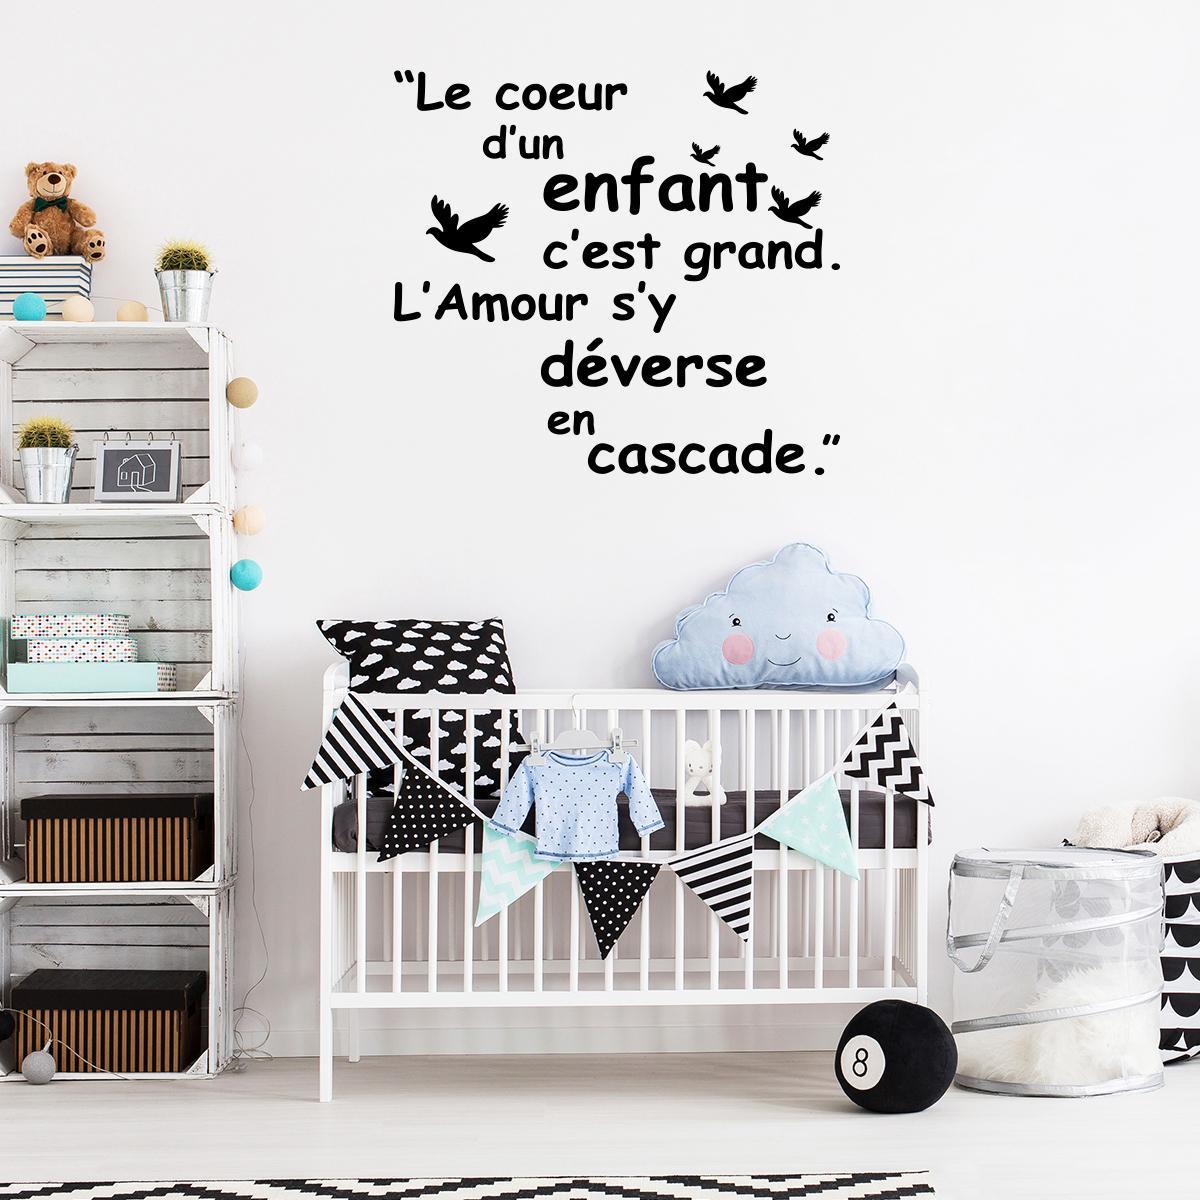 sticker citation le coeur d 39 un enfant est grand stickers citations fran ais ambiance sticker. Black Bedroom Furniture Sets. Home Design Ideas